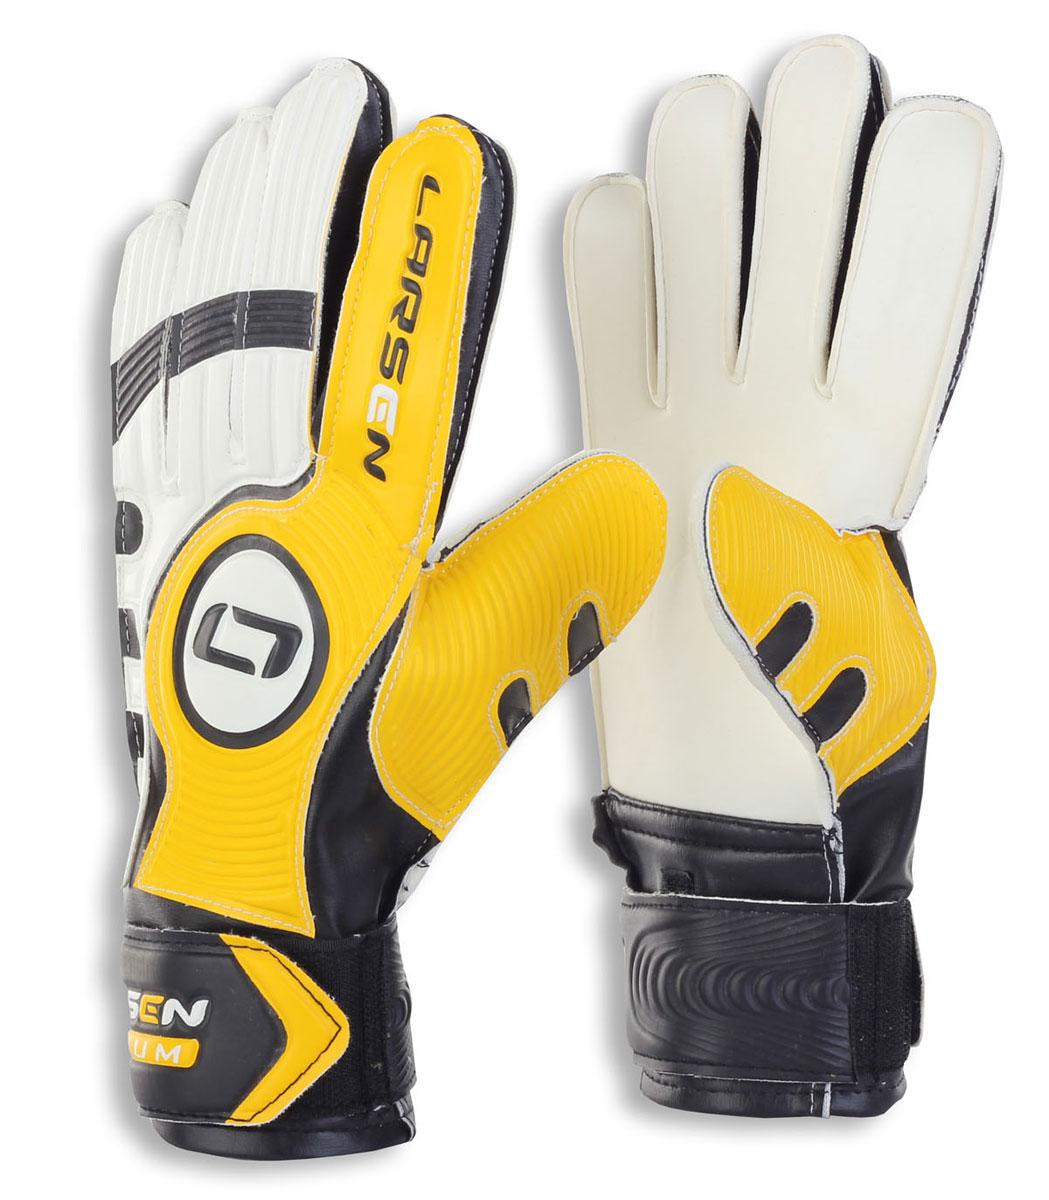 Перчатки вратарские Larsen  Radium , цвет: черный, желтый. Размер 8 - Футбол